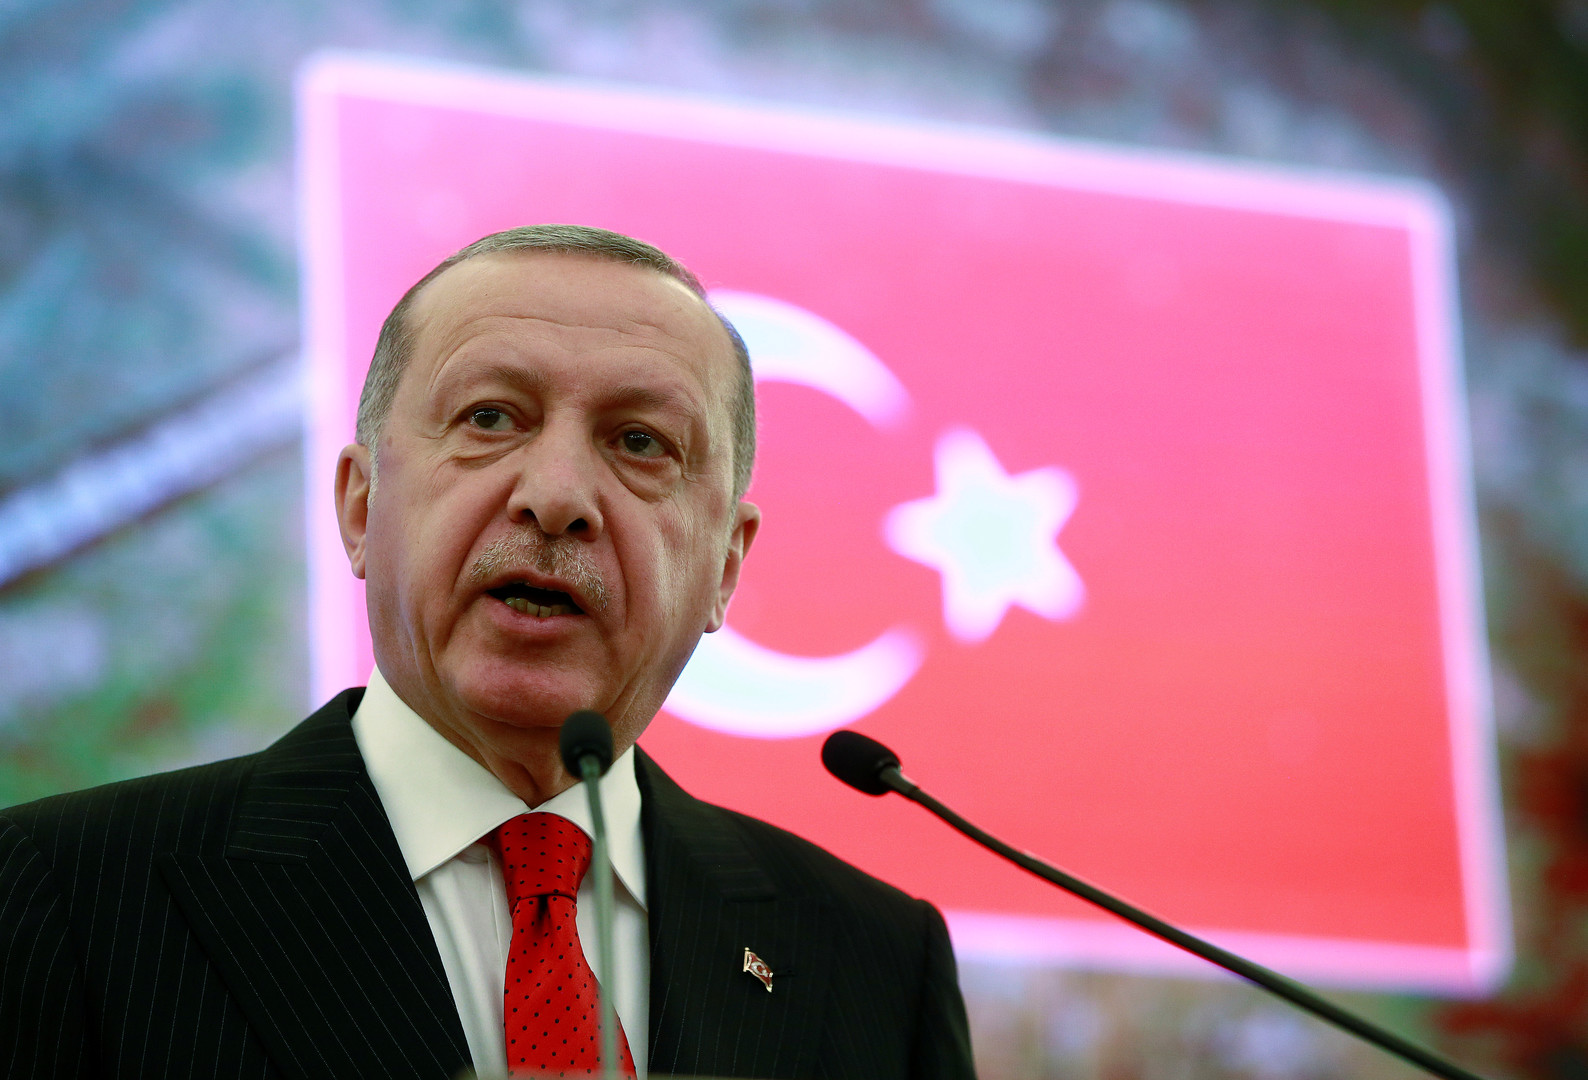 تحالف الأحزاب المصرية: أردوغان تجاوز كل الخطوط الحمراء وتجب مقاضاته